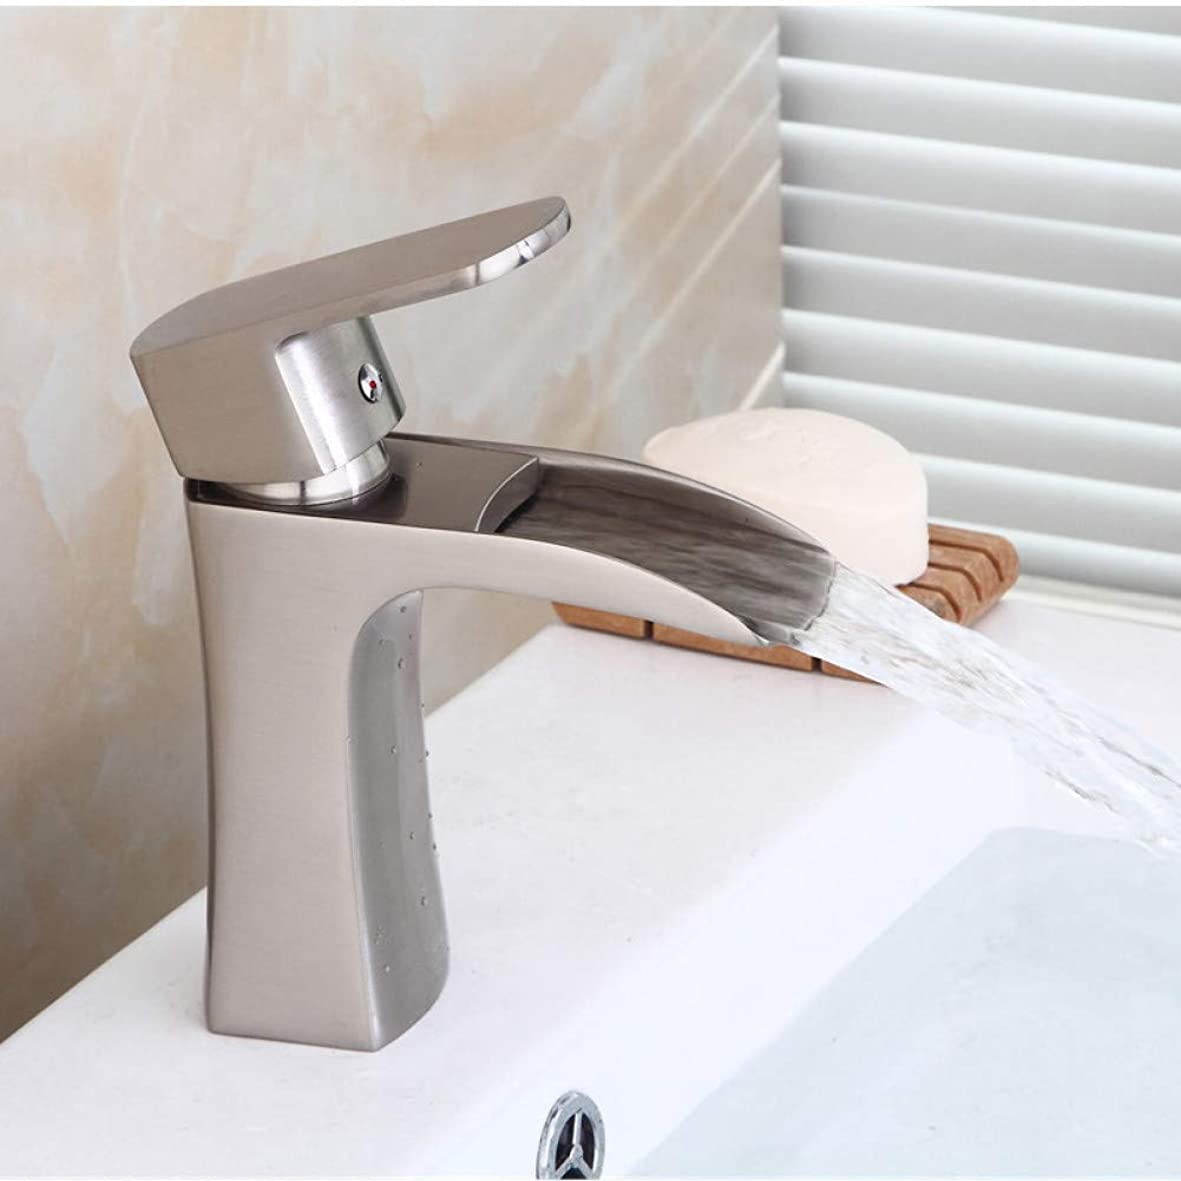 反動遅れ開発する浴室の蛇口、 キッチンバスルーム蛇口洗面の蛇口バスルームの真鍮シンクミキサータップホット&コールド滝の蛇口シングルハンドルのデッキは洗面所クレーンをマウント 蛇口